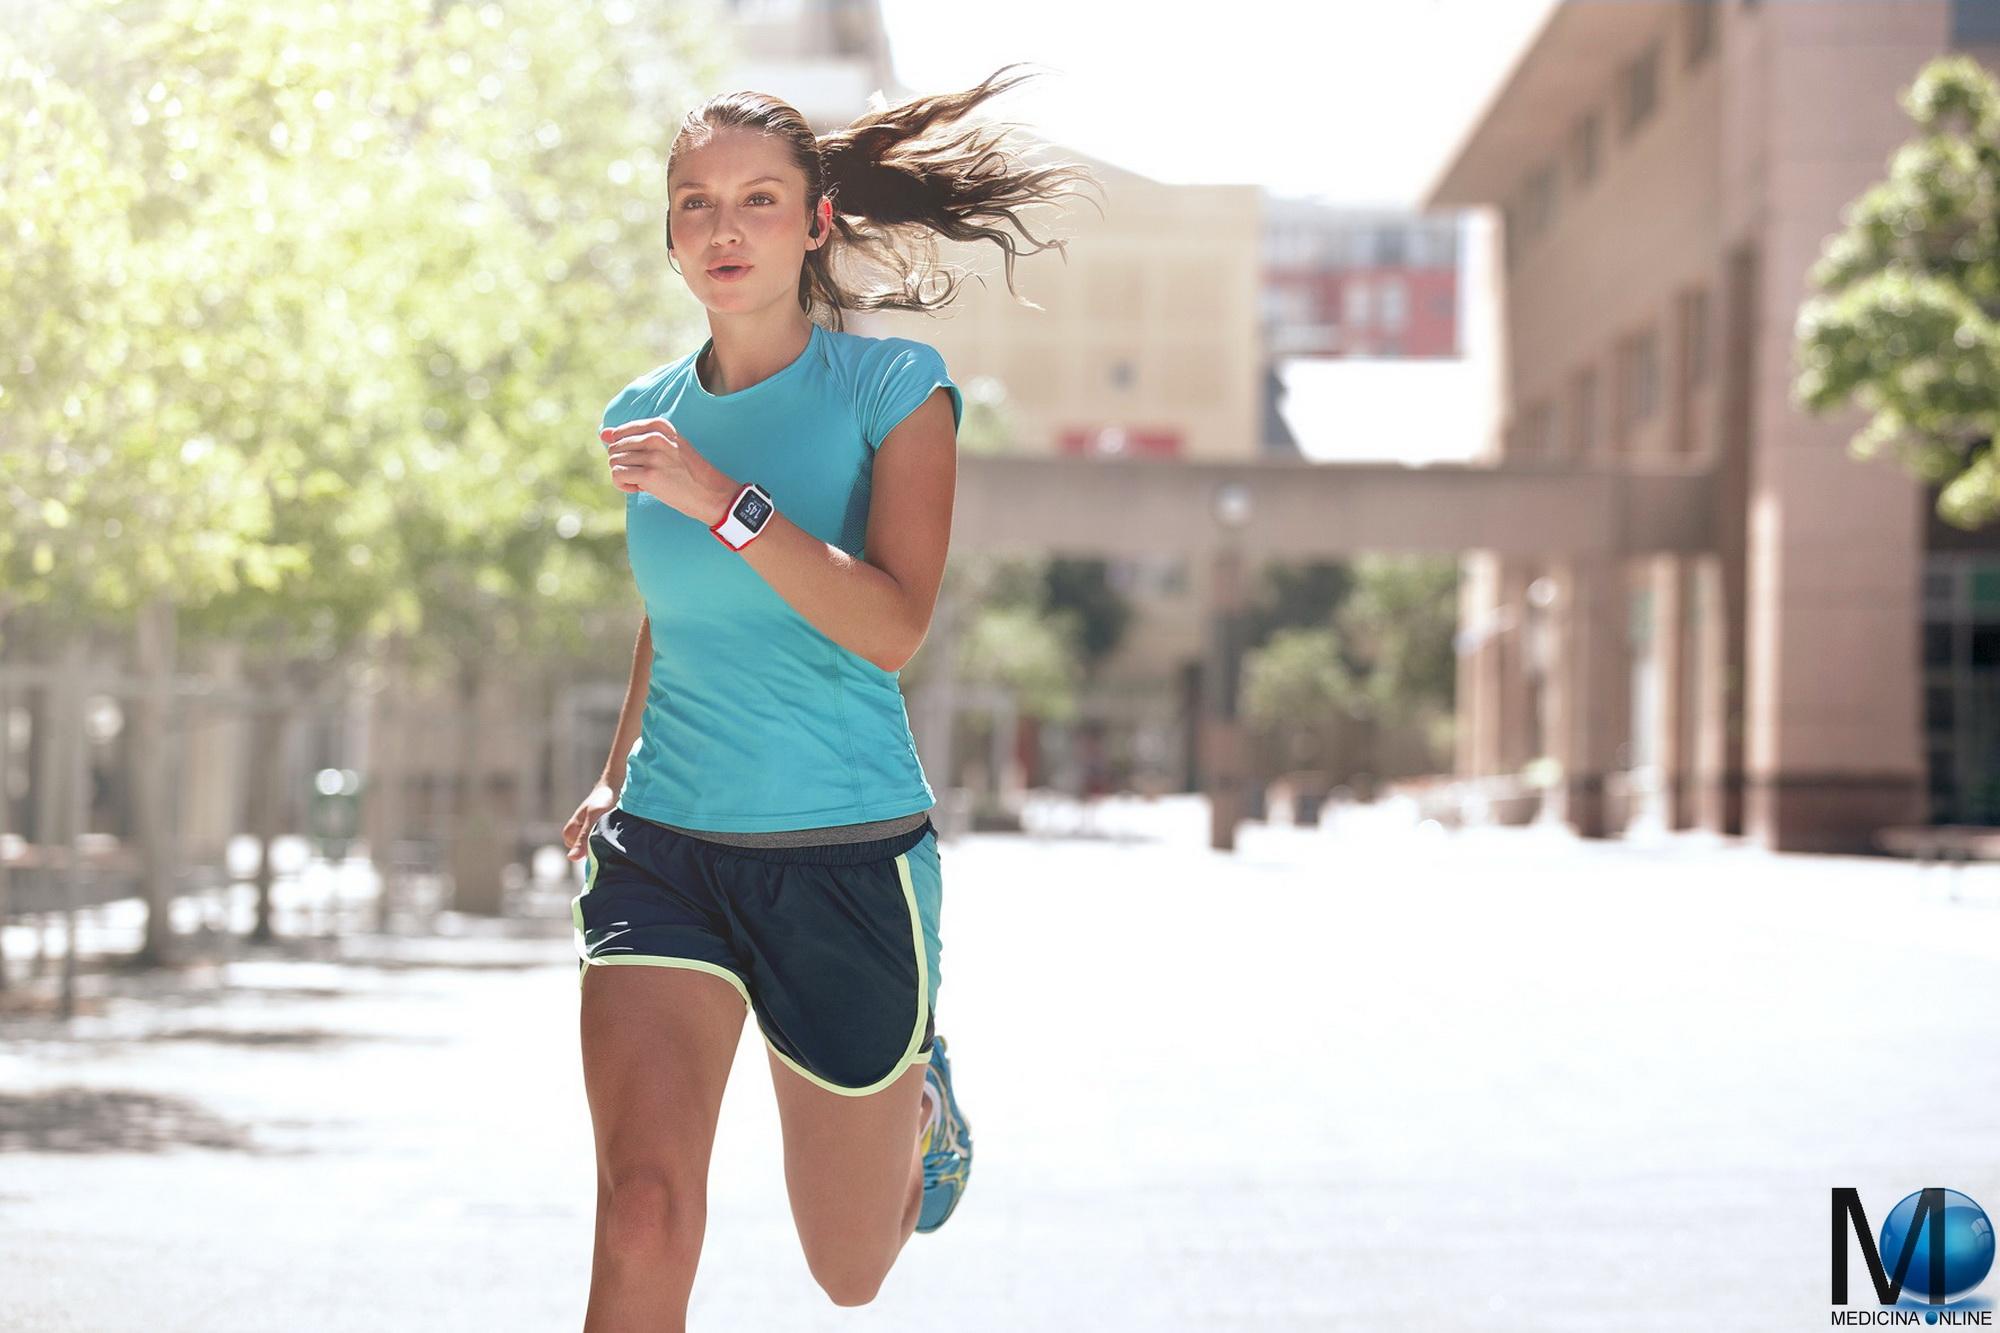 aiuta a correre per perdere peso